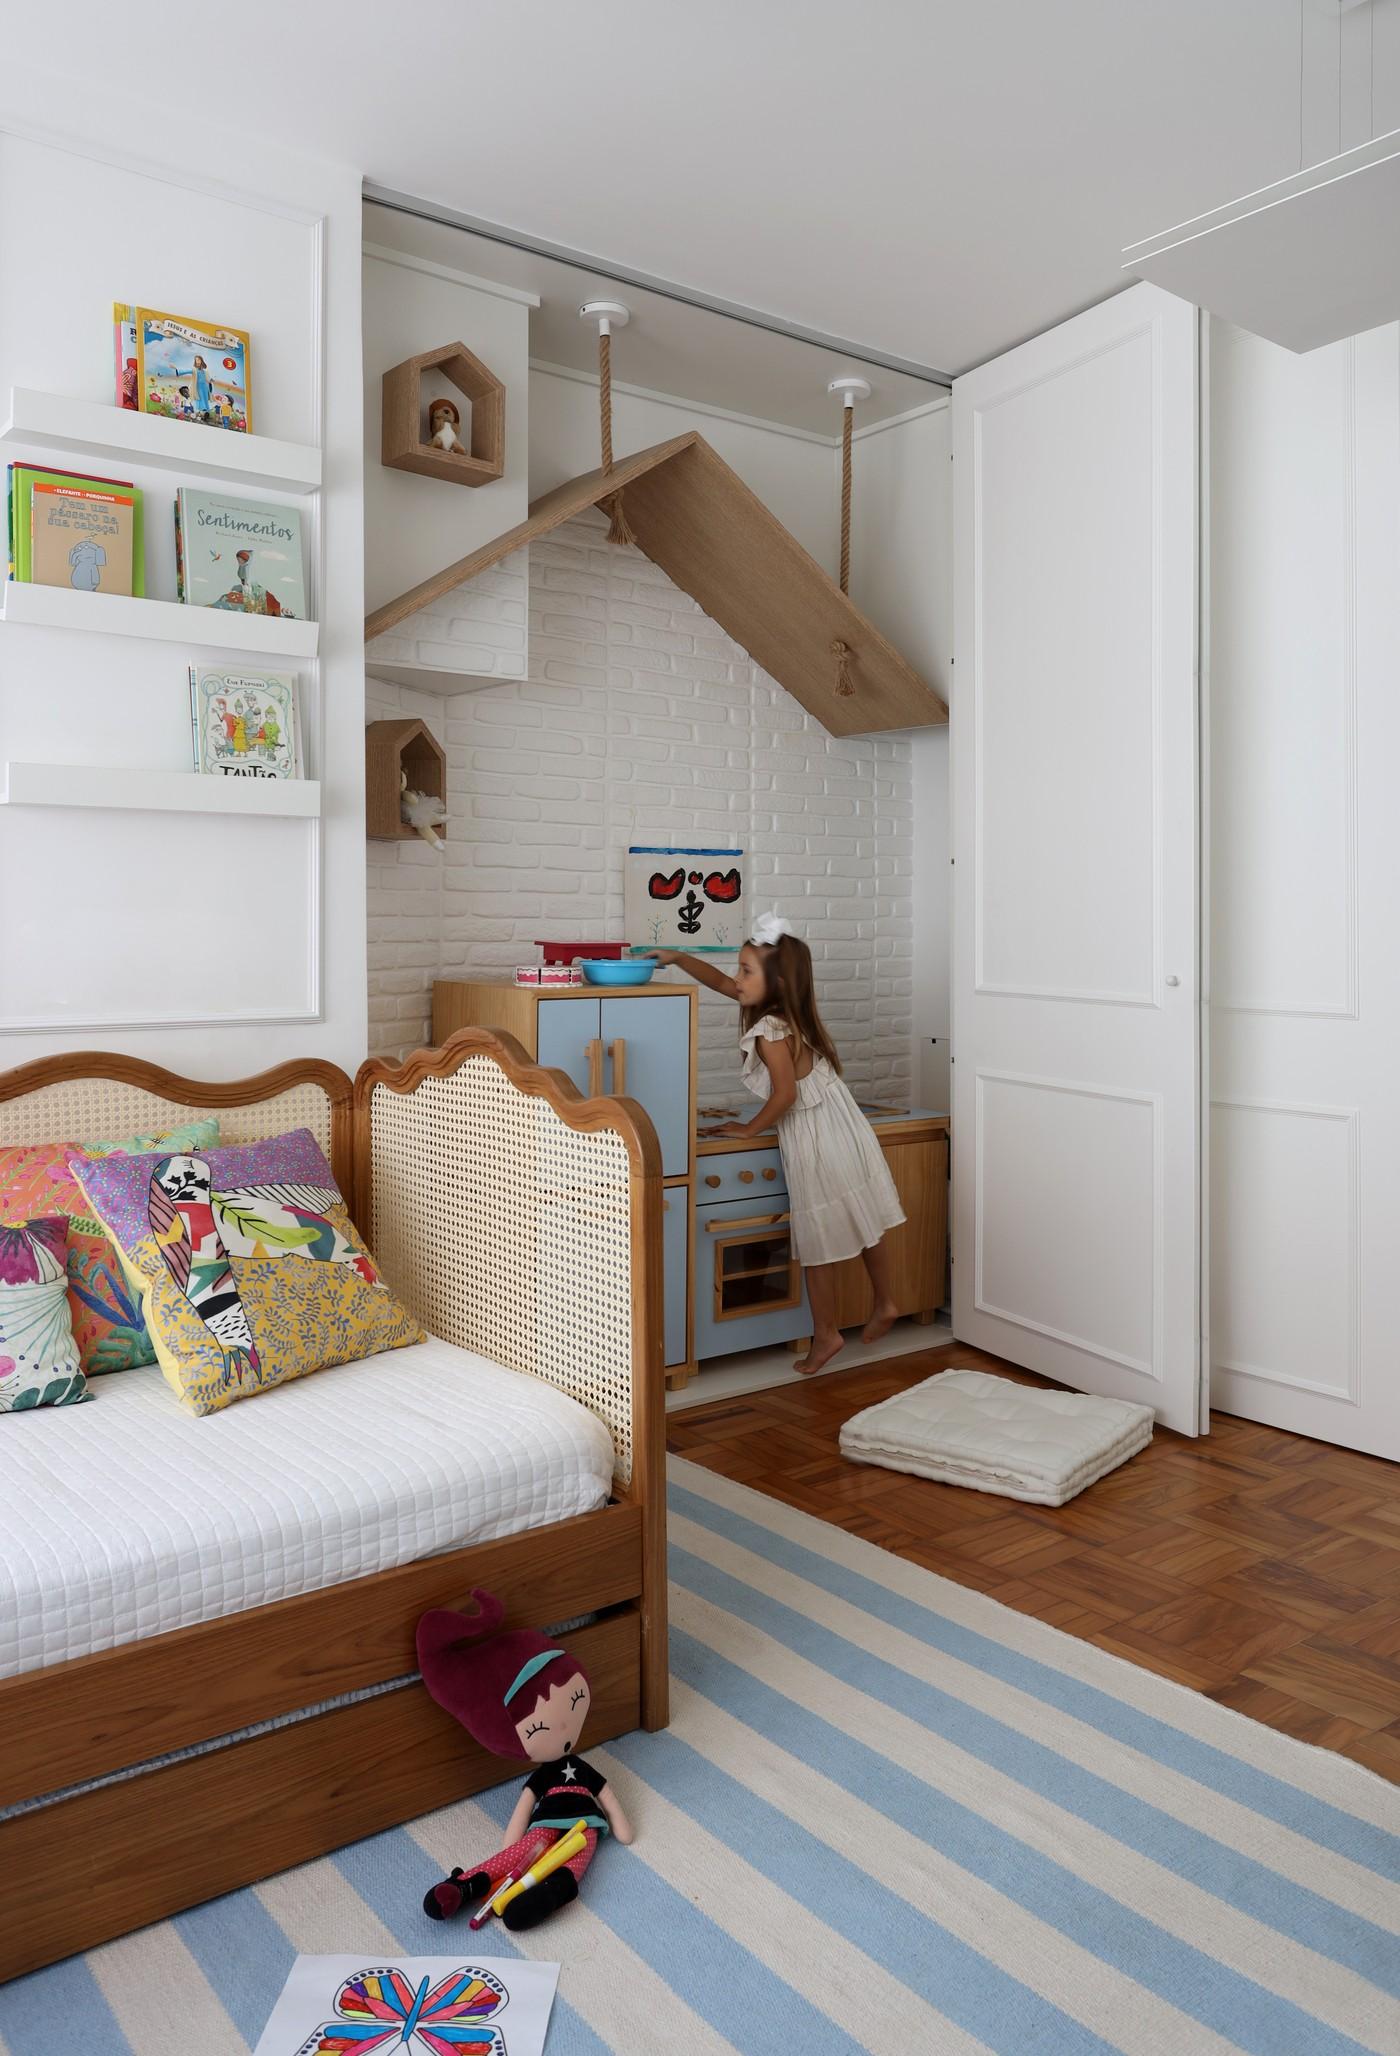 Décor do dia: dois quartos infantis para se inspirar (Foto: Marco Antonio)